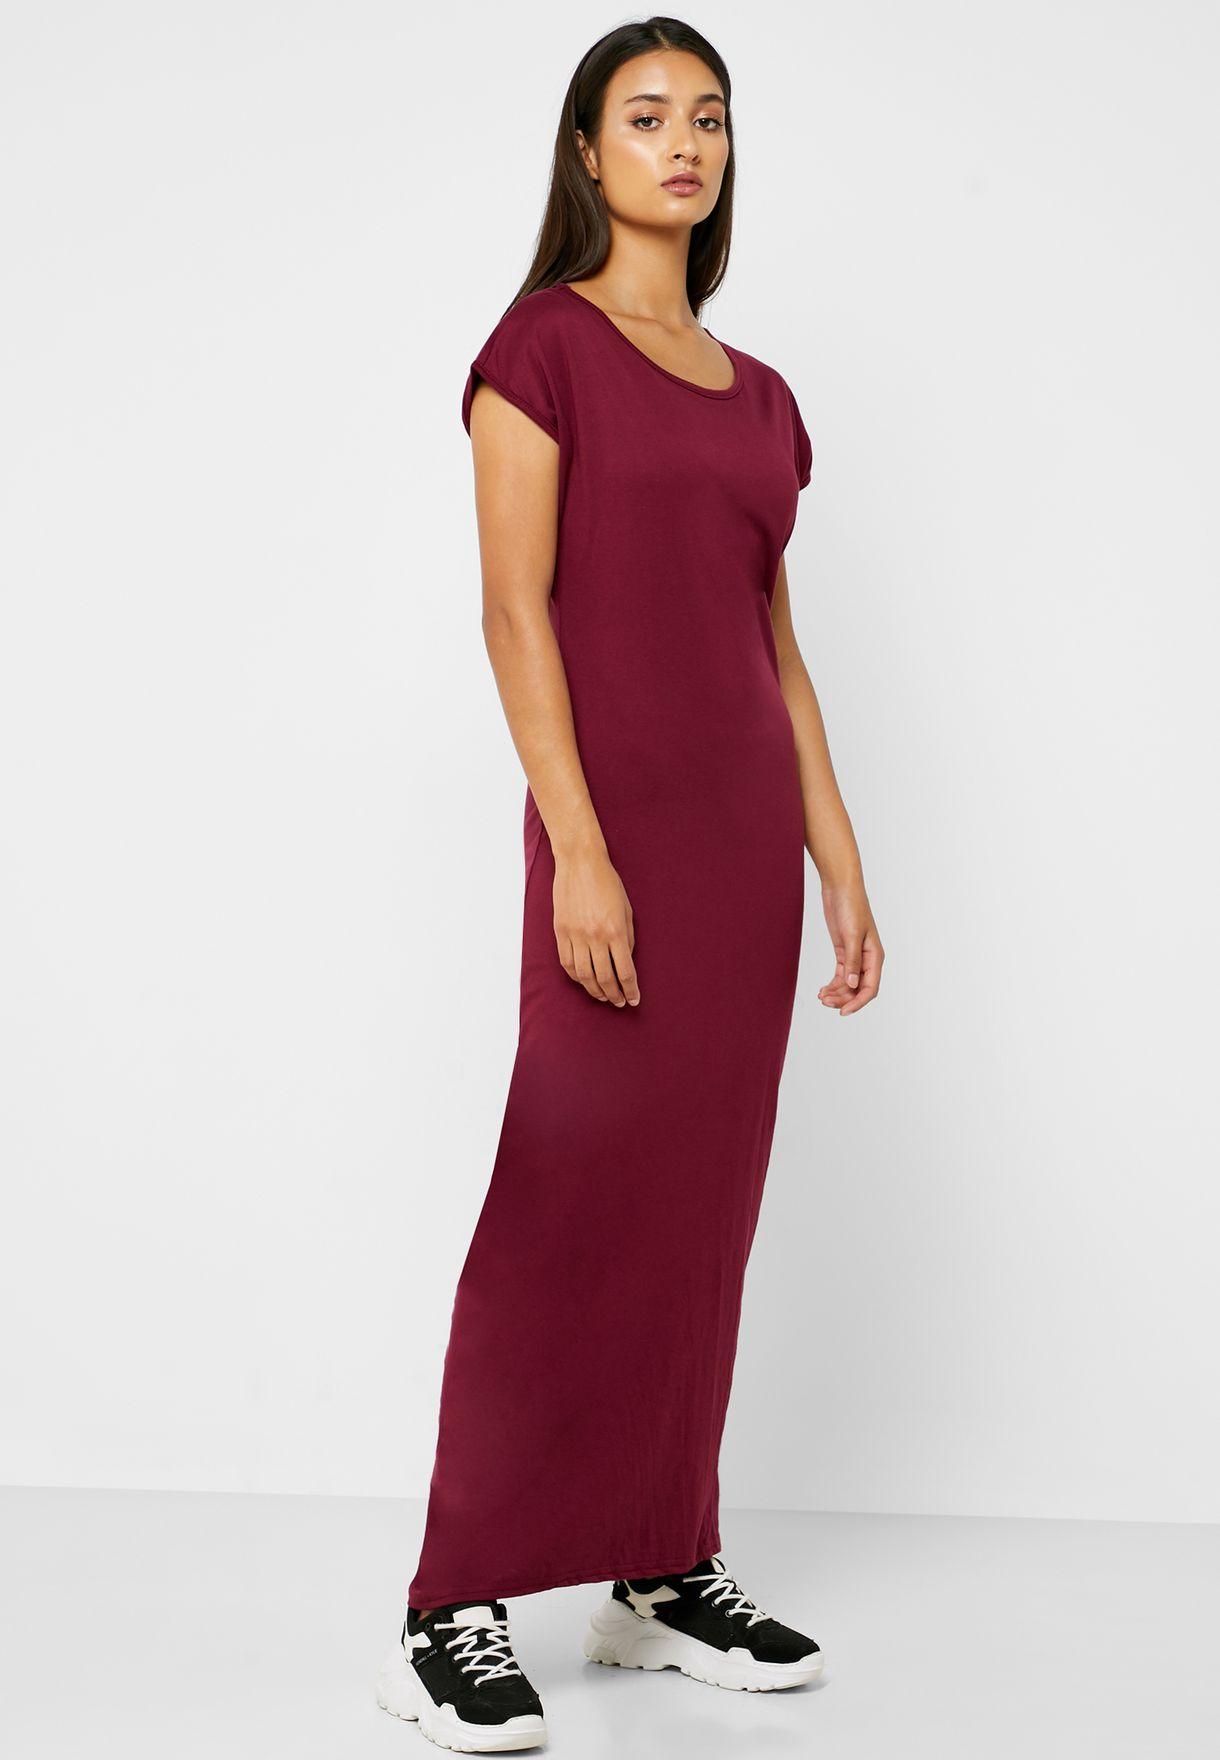 فستان مكسي بأكمام قصيرة